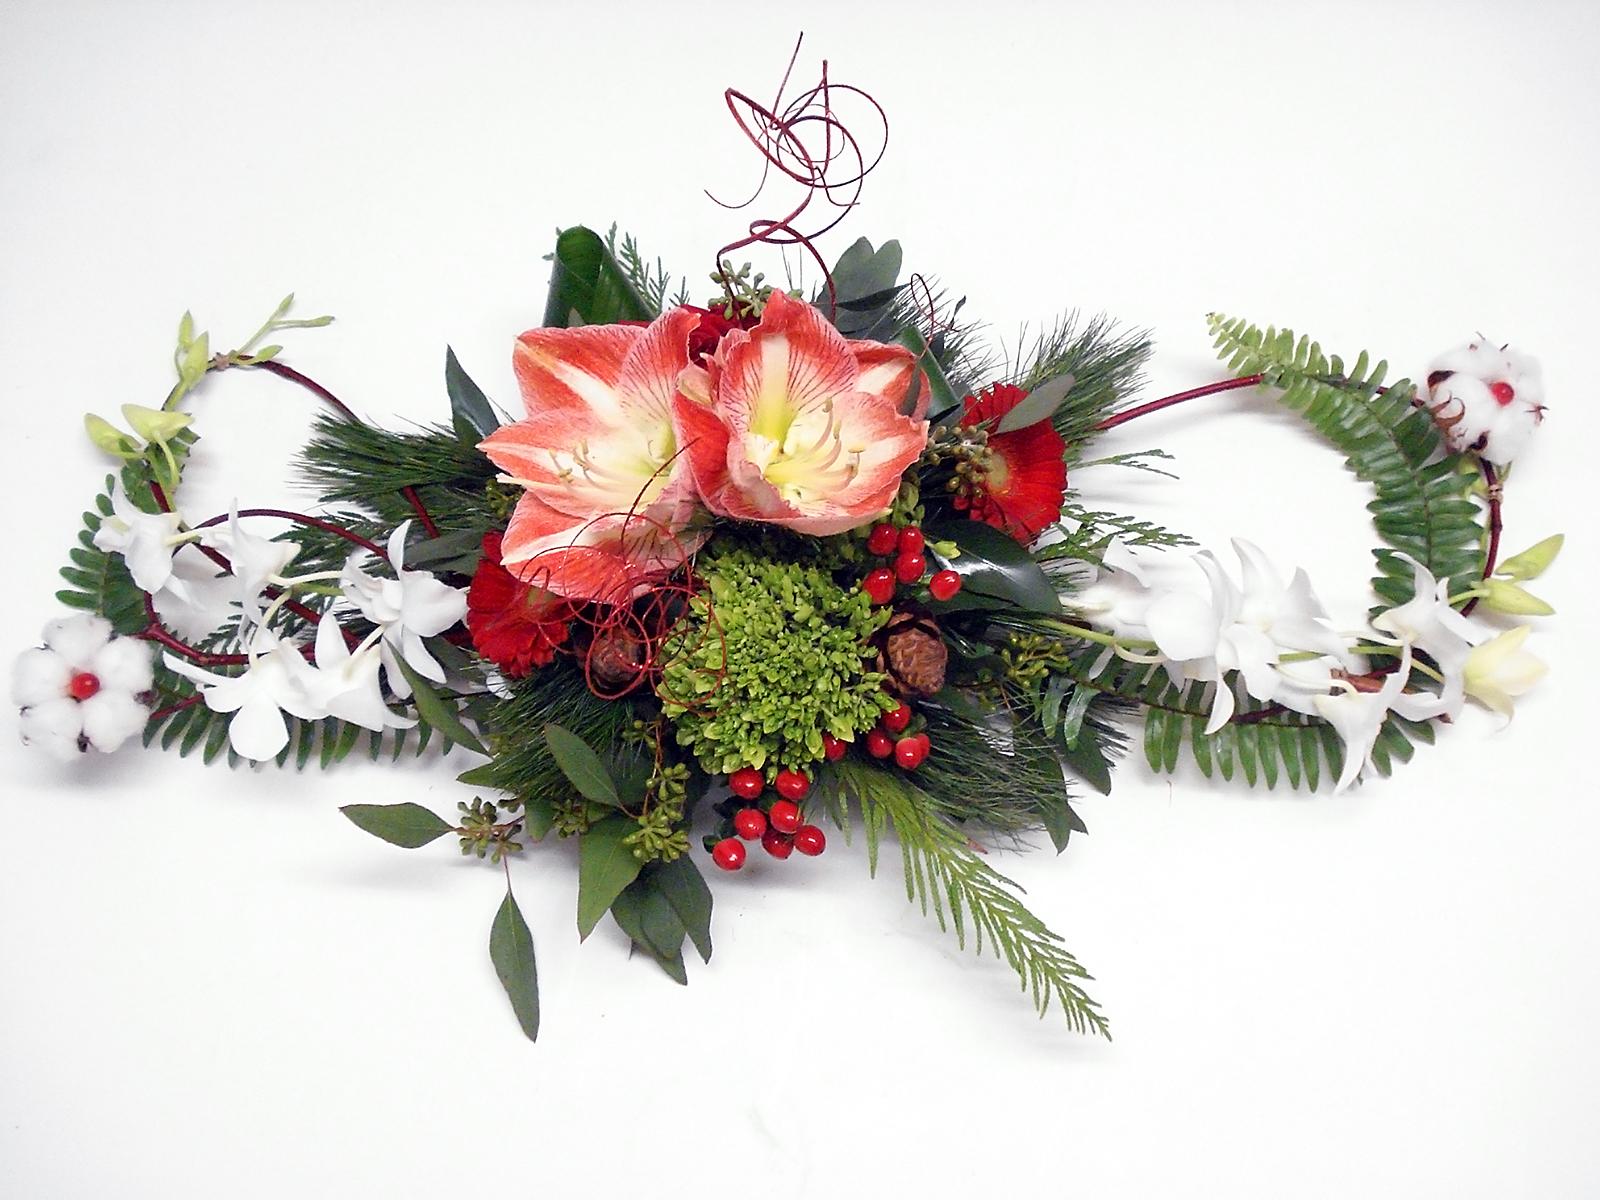 Sapin De Noel Decoration Allong Ef Bf Bd